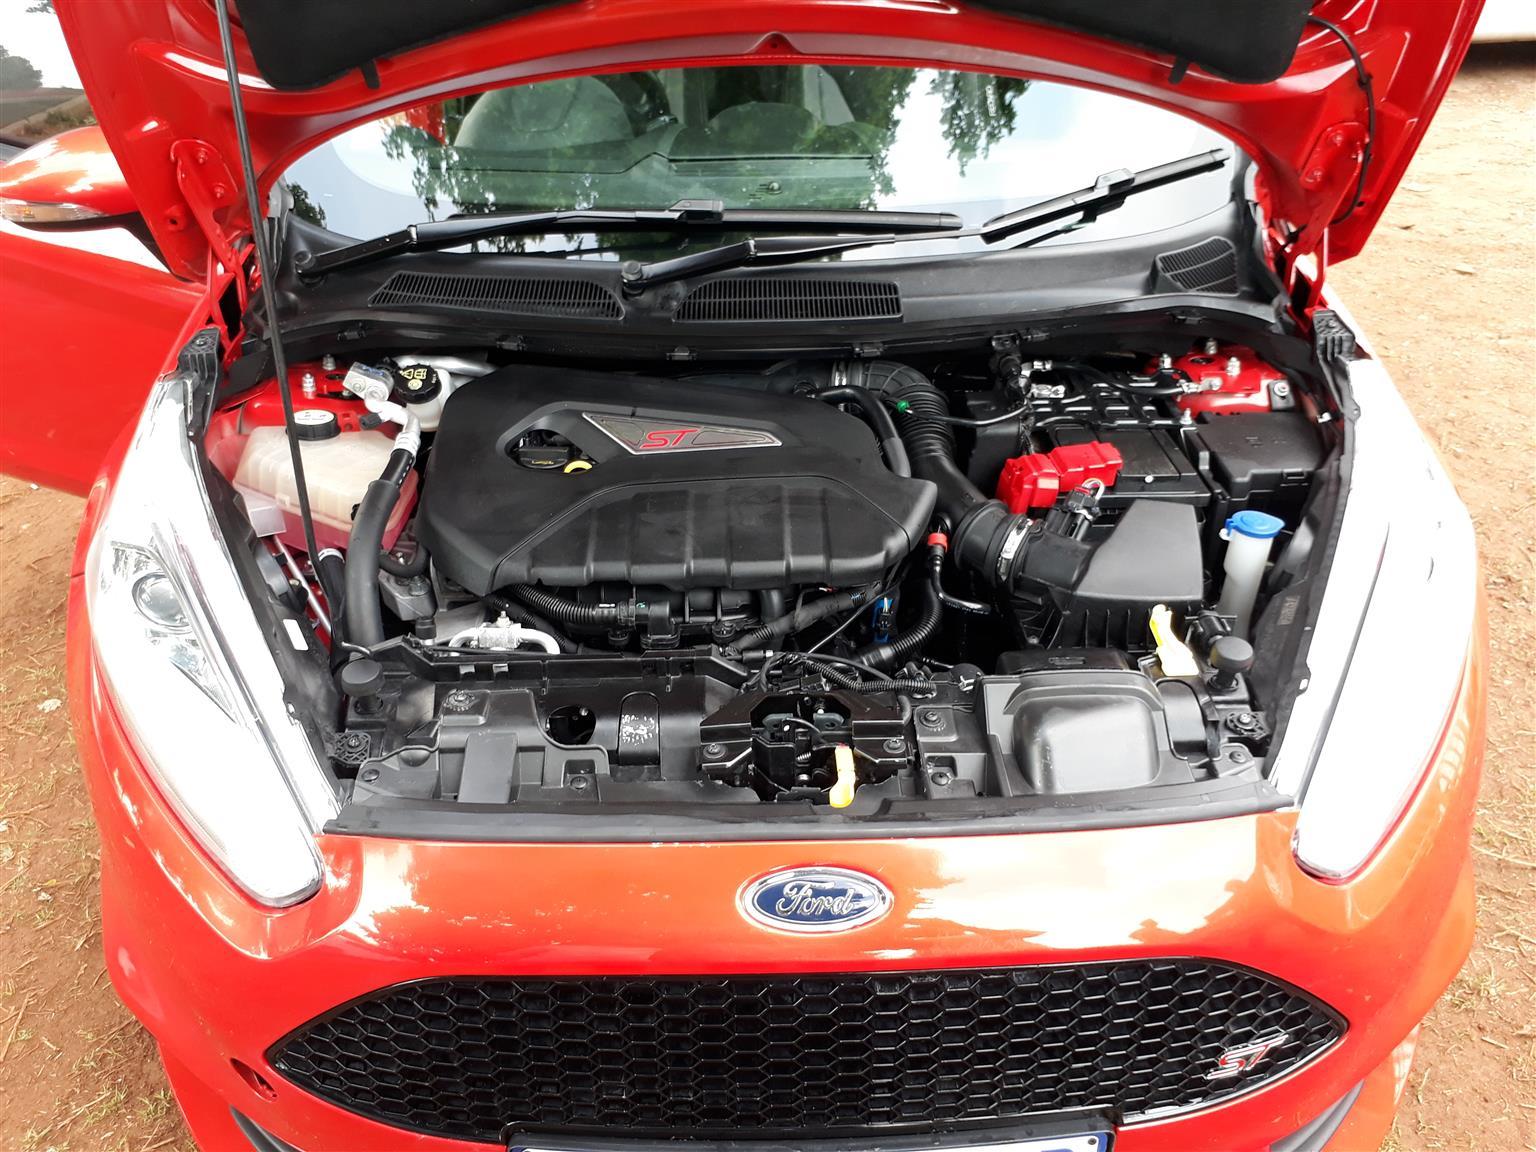 2017 Ford ST Fiesta